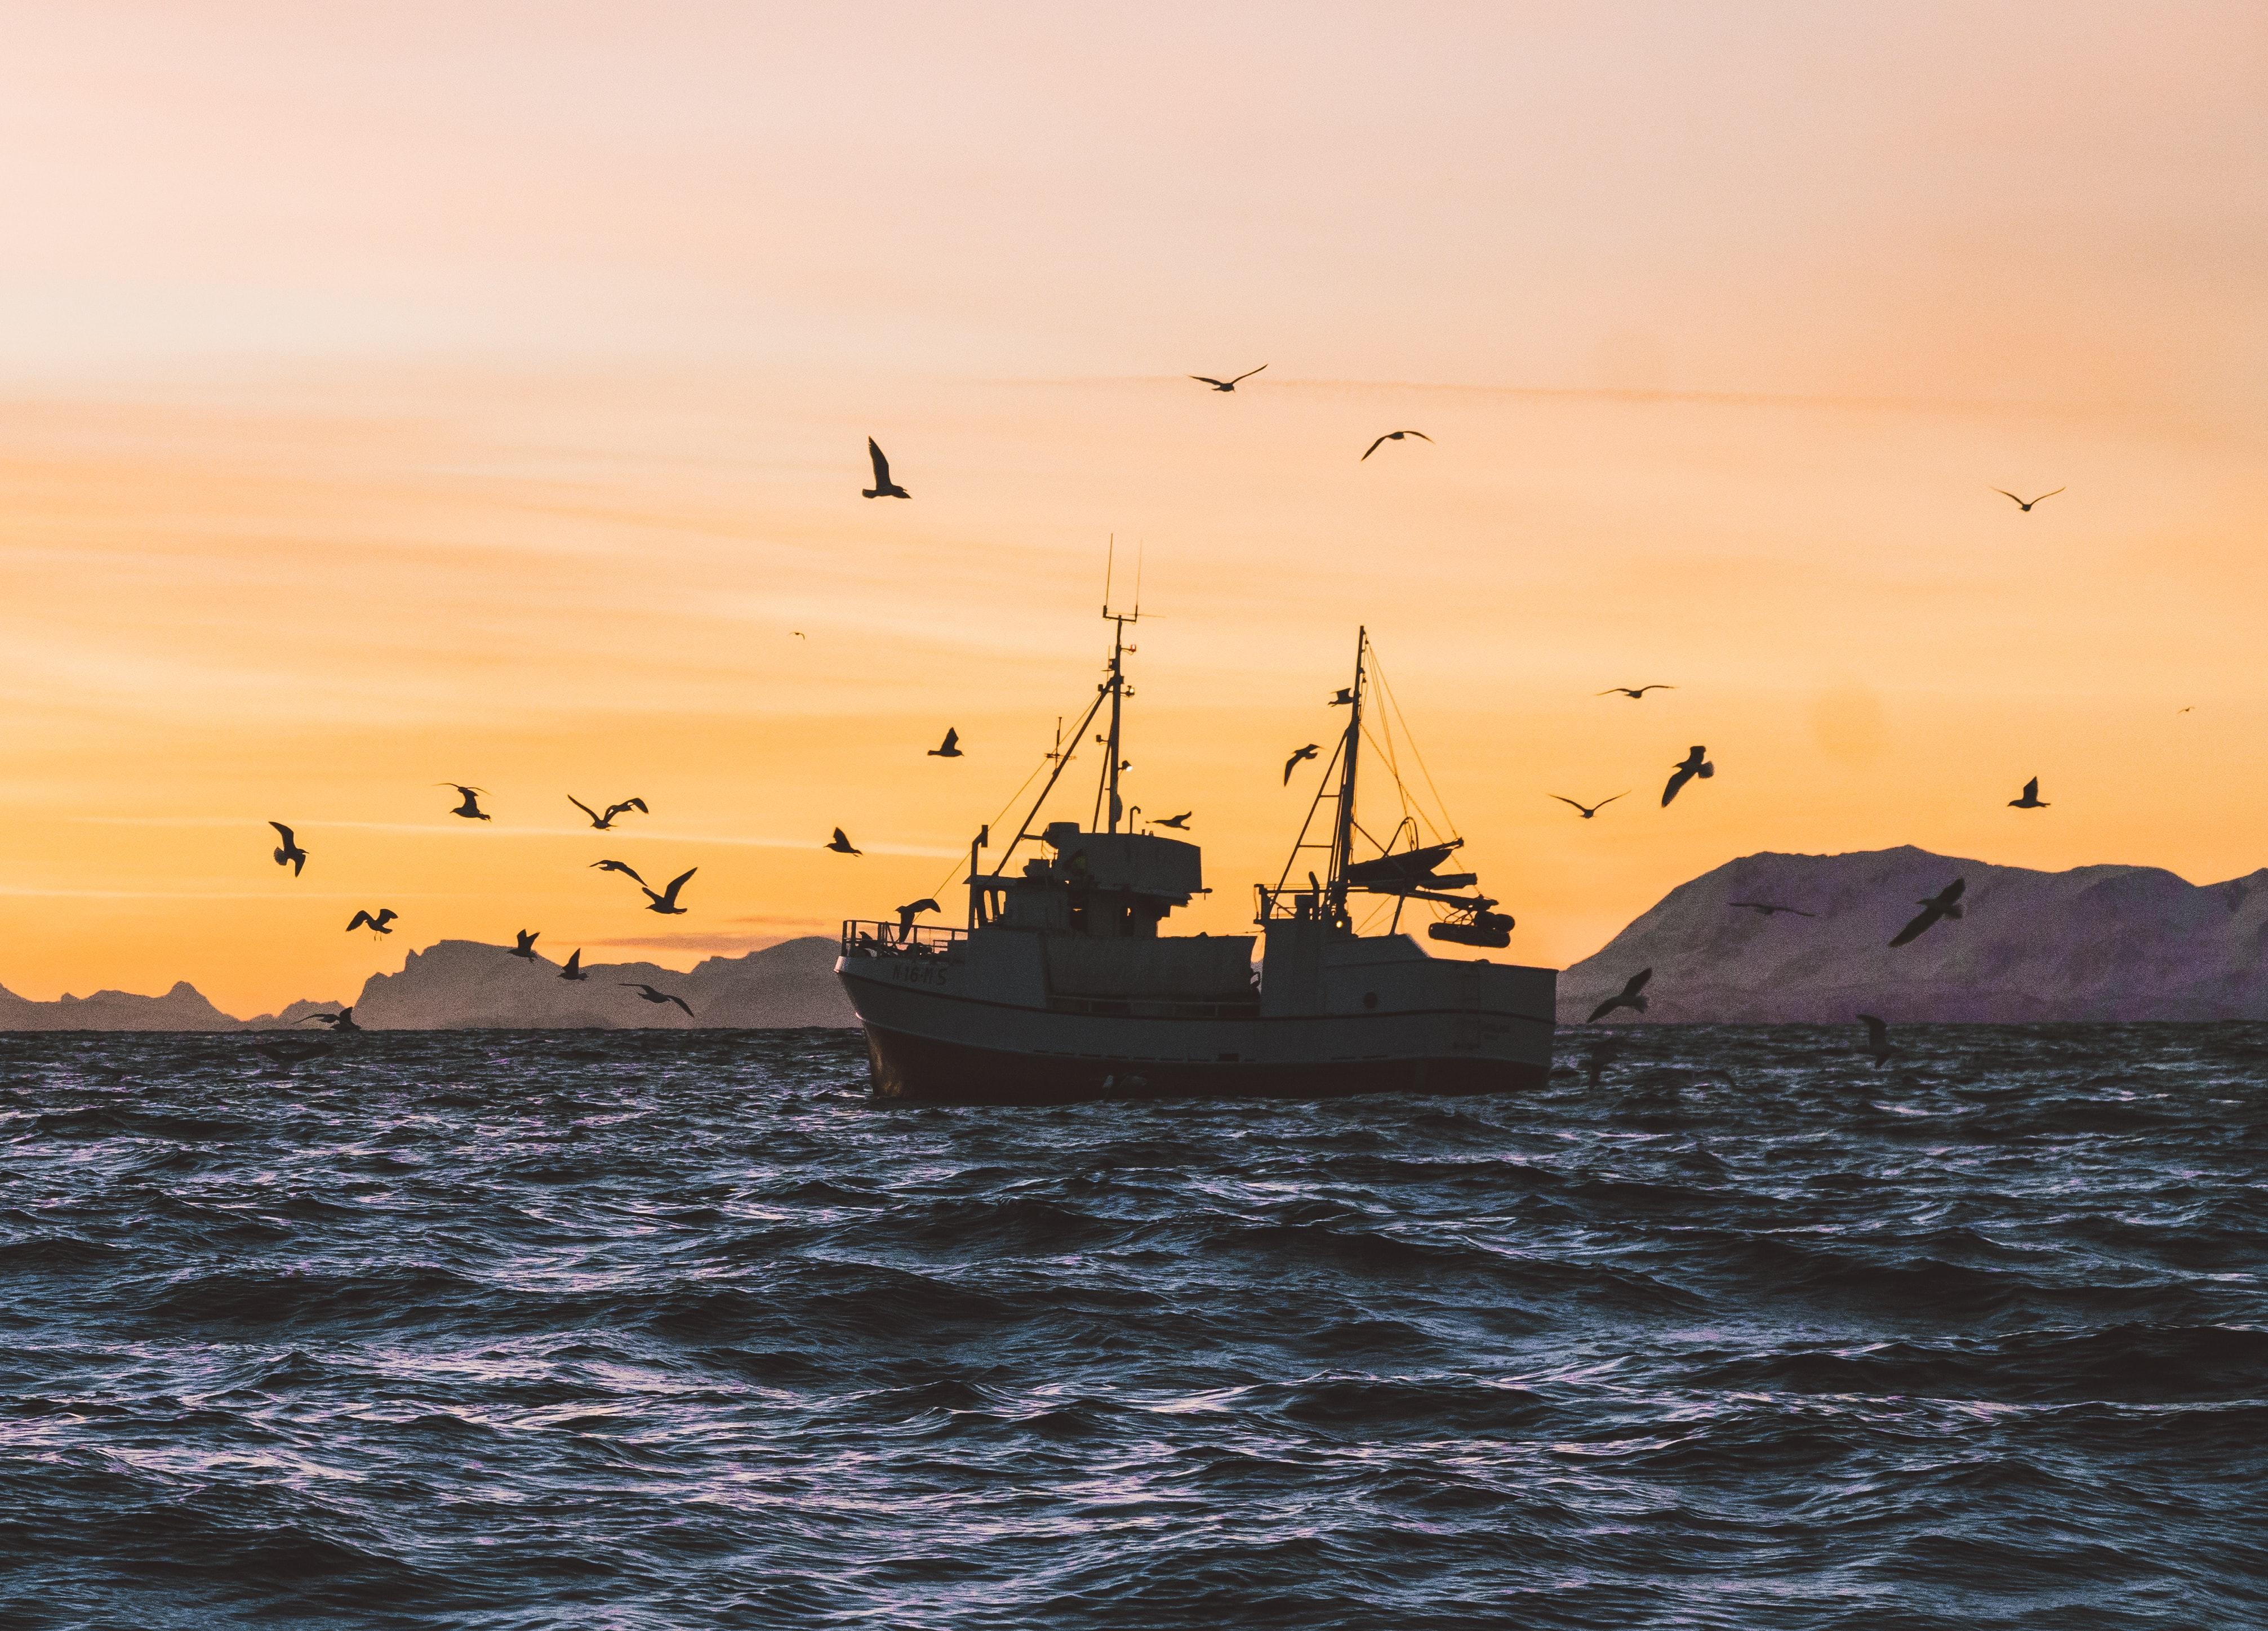 לתפוס ברשת את תאגידי הדיג העברייניים